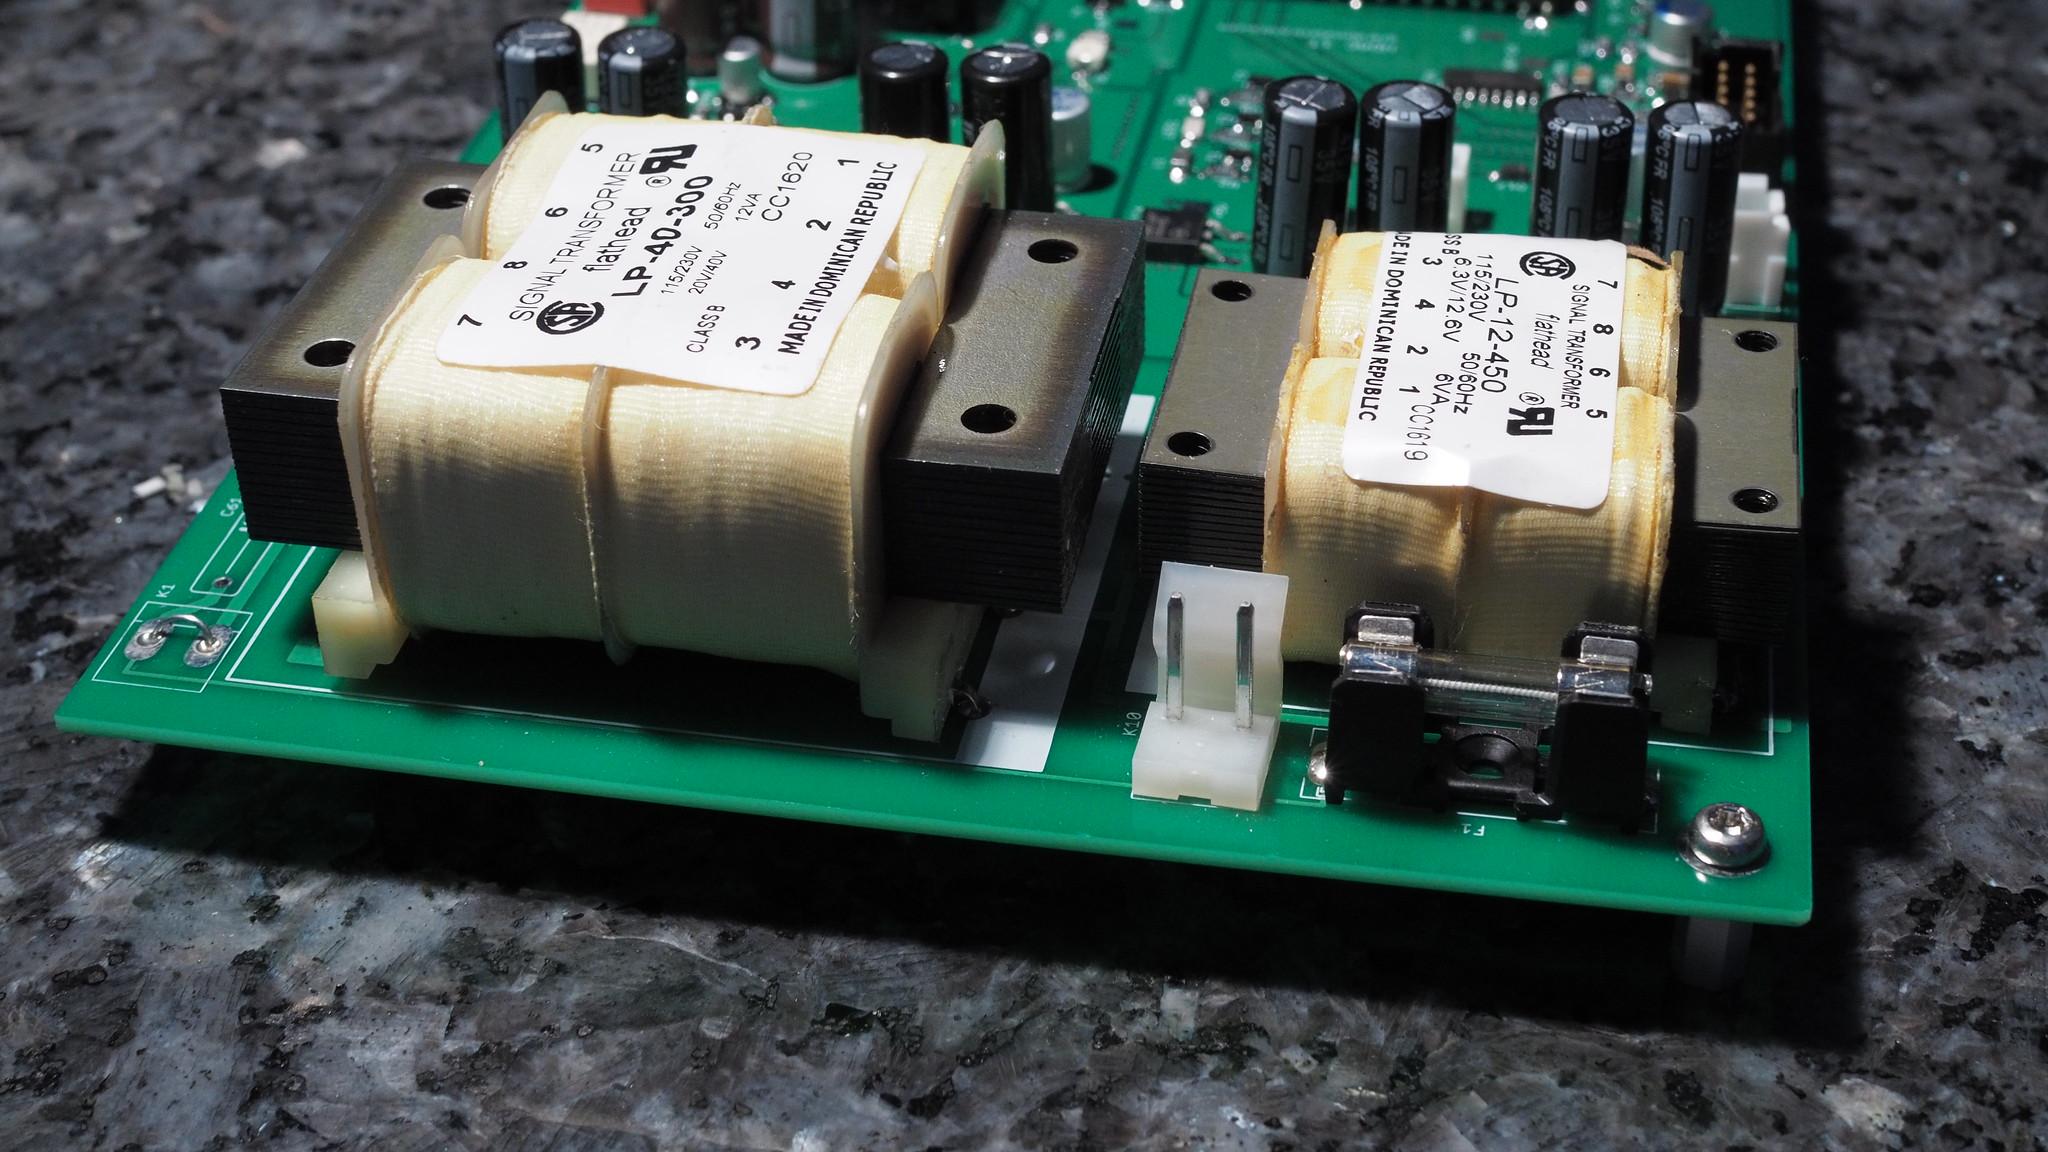 HDAC: assemblaggio scheda 35935075875_dc4ebfbe01_k_d